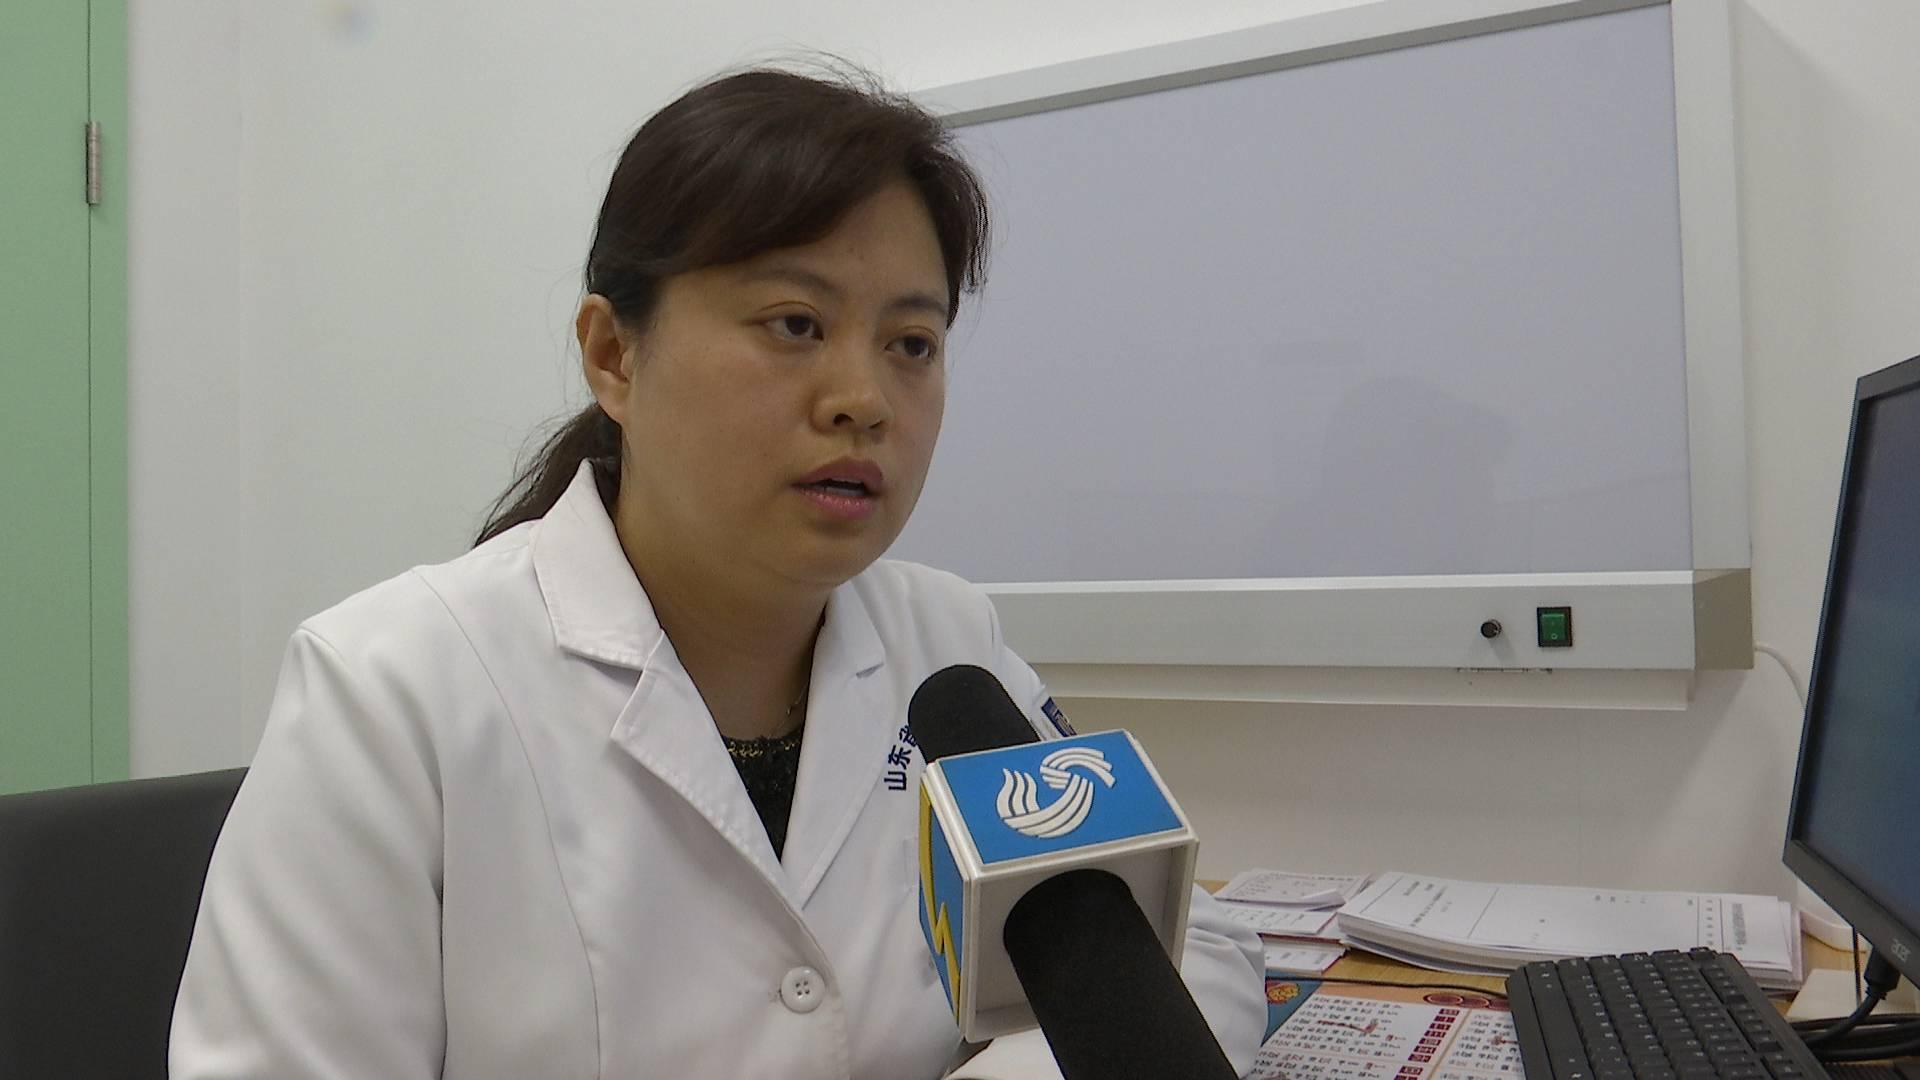 疫情防控不可松懈 专家:接种疫苗是预防新冠病毒感染有效手段